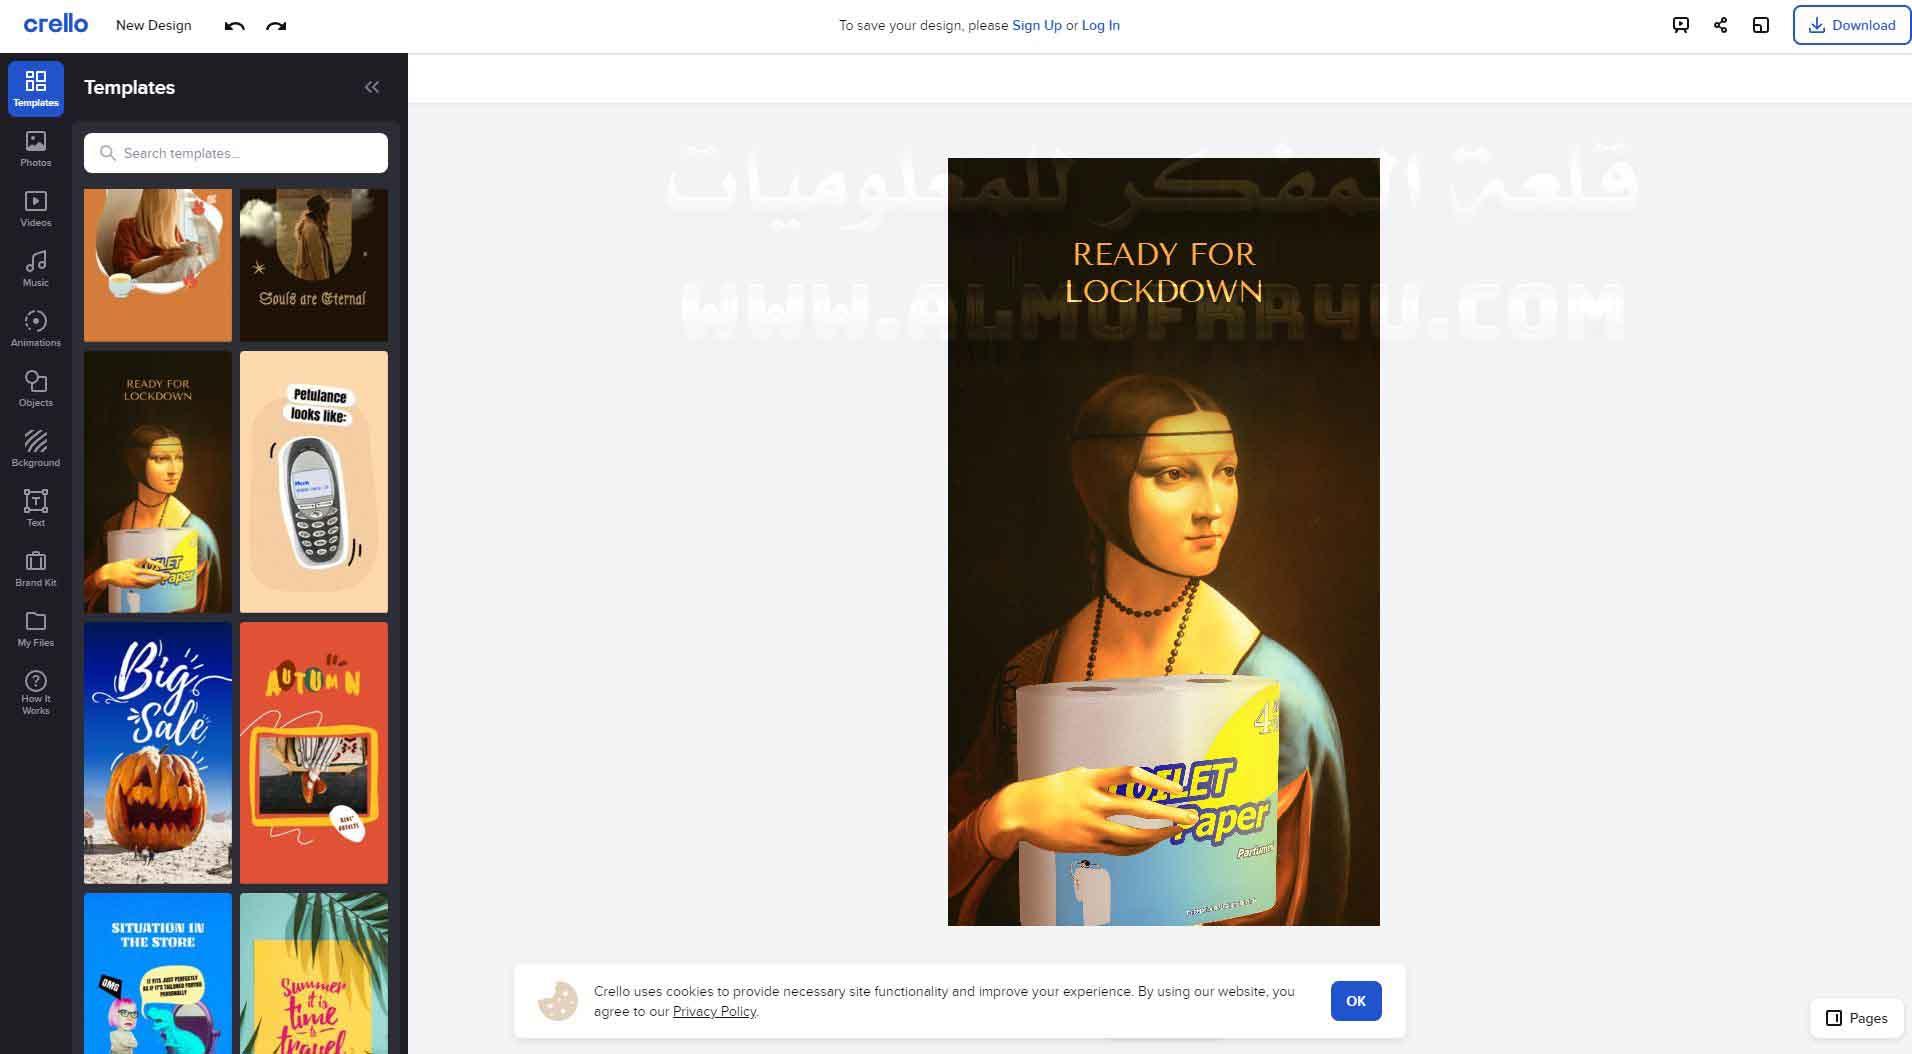 أفضل 8 مواقع تصميم الجرافيك المجانية وإزالة الخلفية من الصور بكل إحترافية